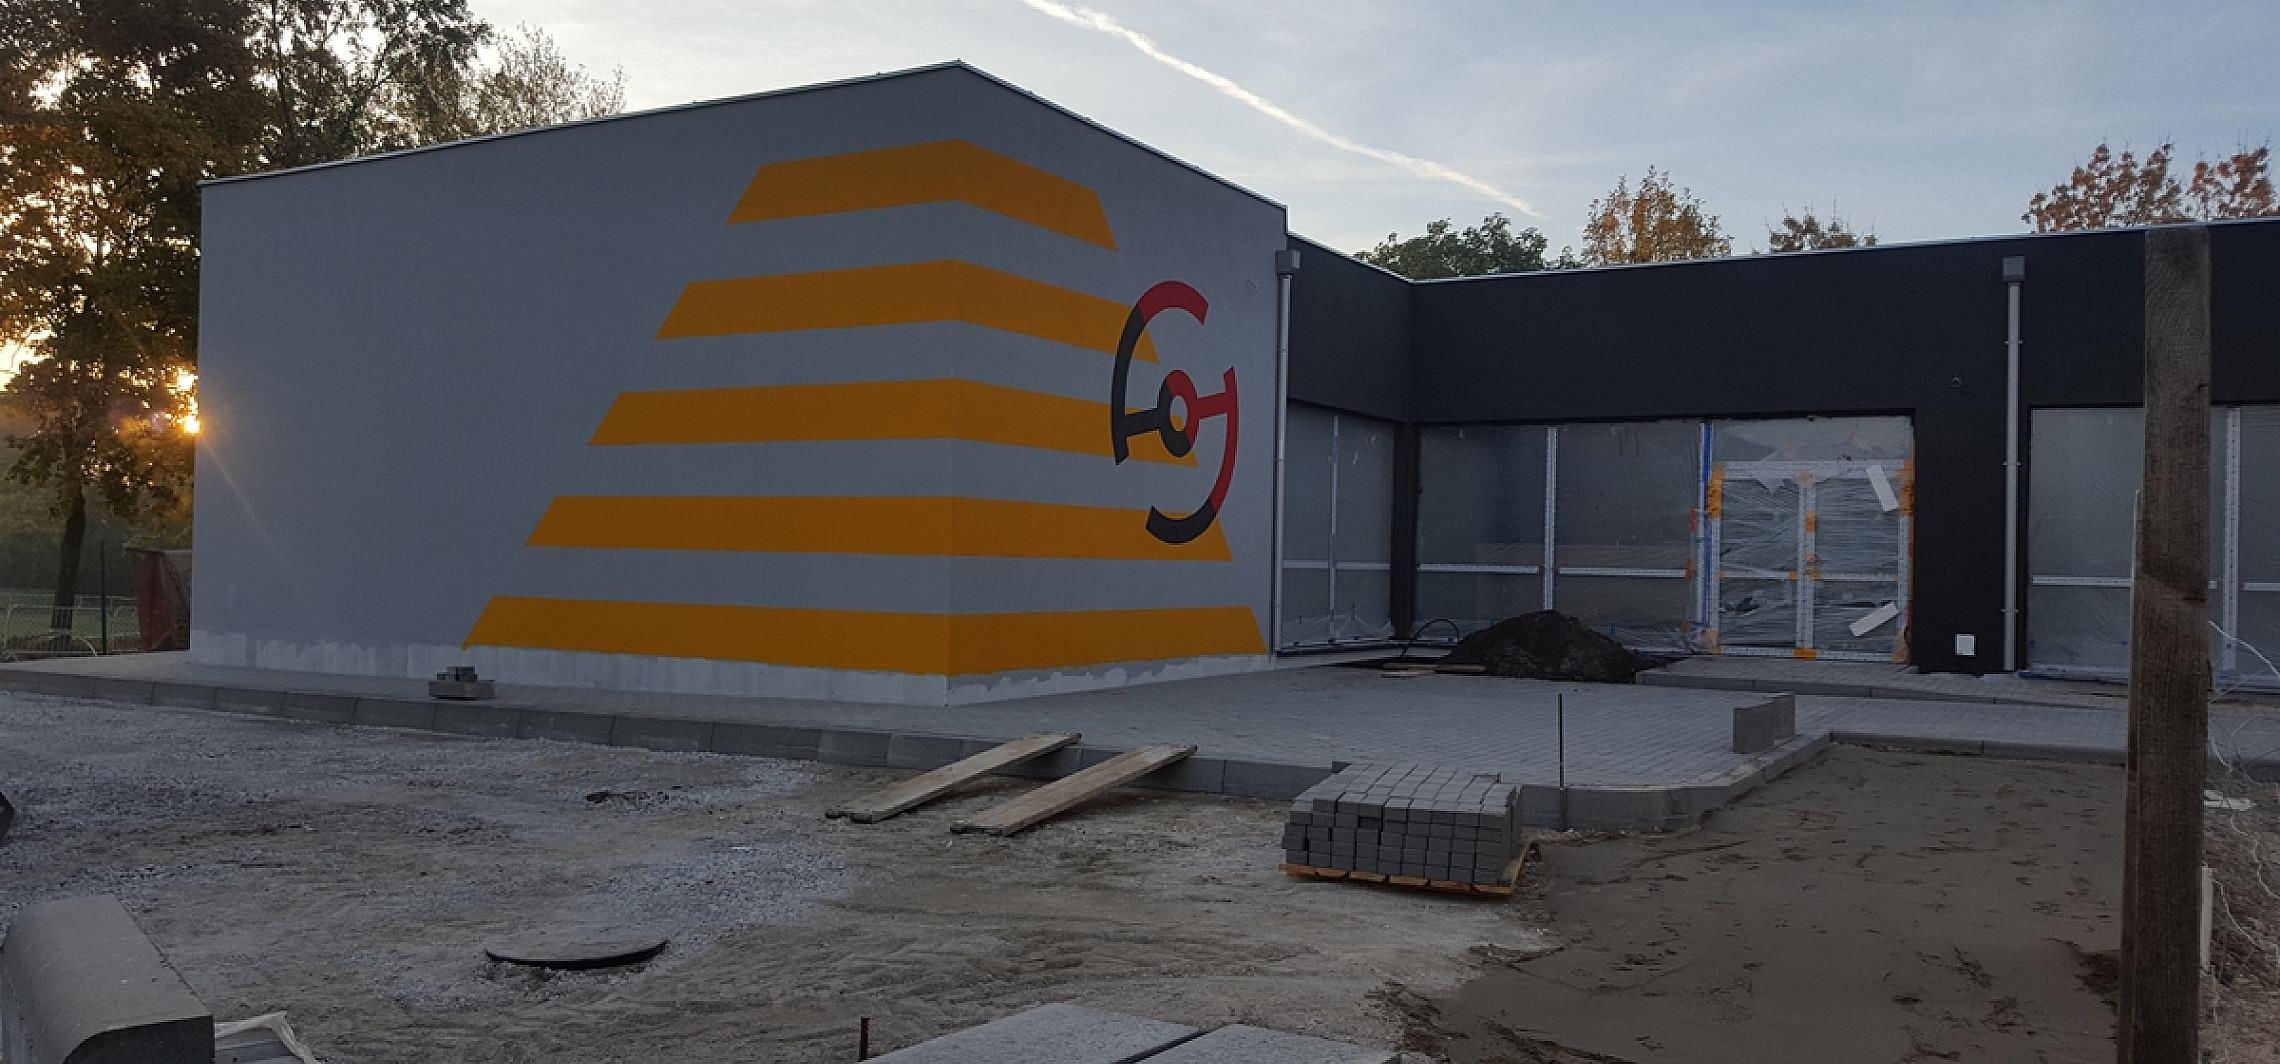 Inowrocław - Nowa siedziba WORD rośnie w szybkim tempie